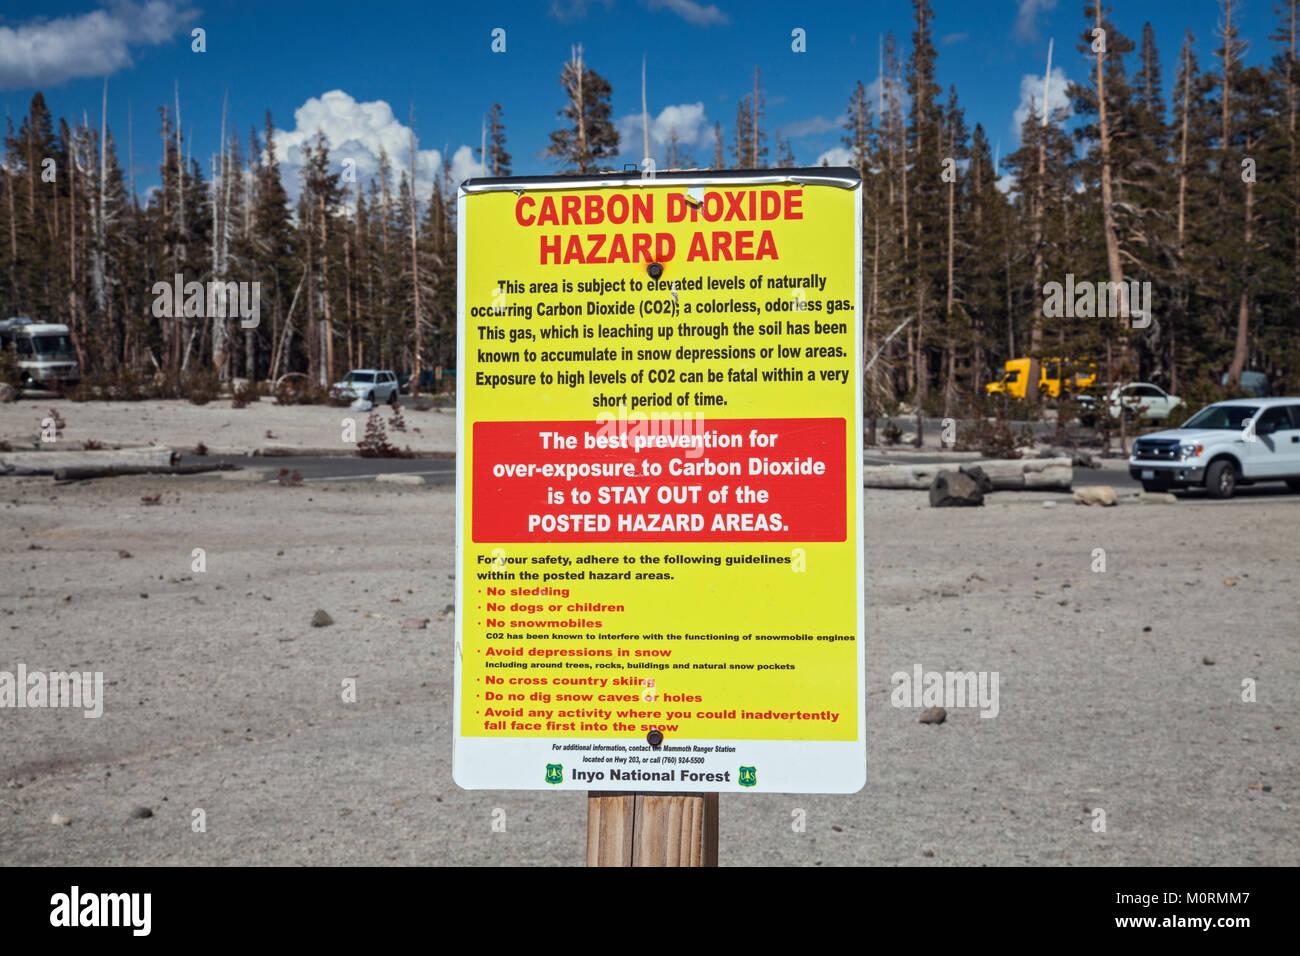 Zona de peligro de dióxido de carbono la señal de advertencia. Los árboles muertos alrededor del Imagen De Stock